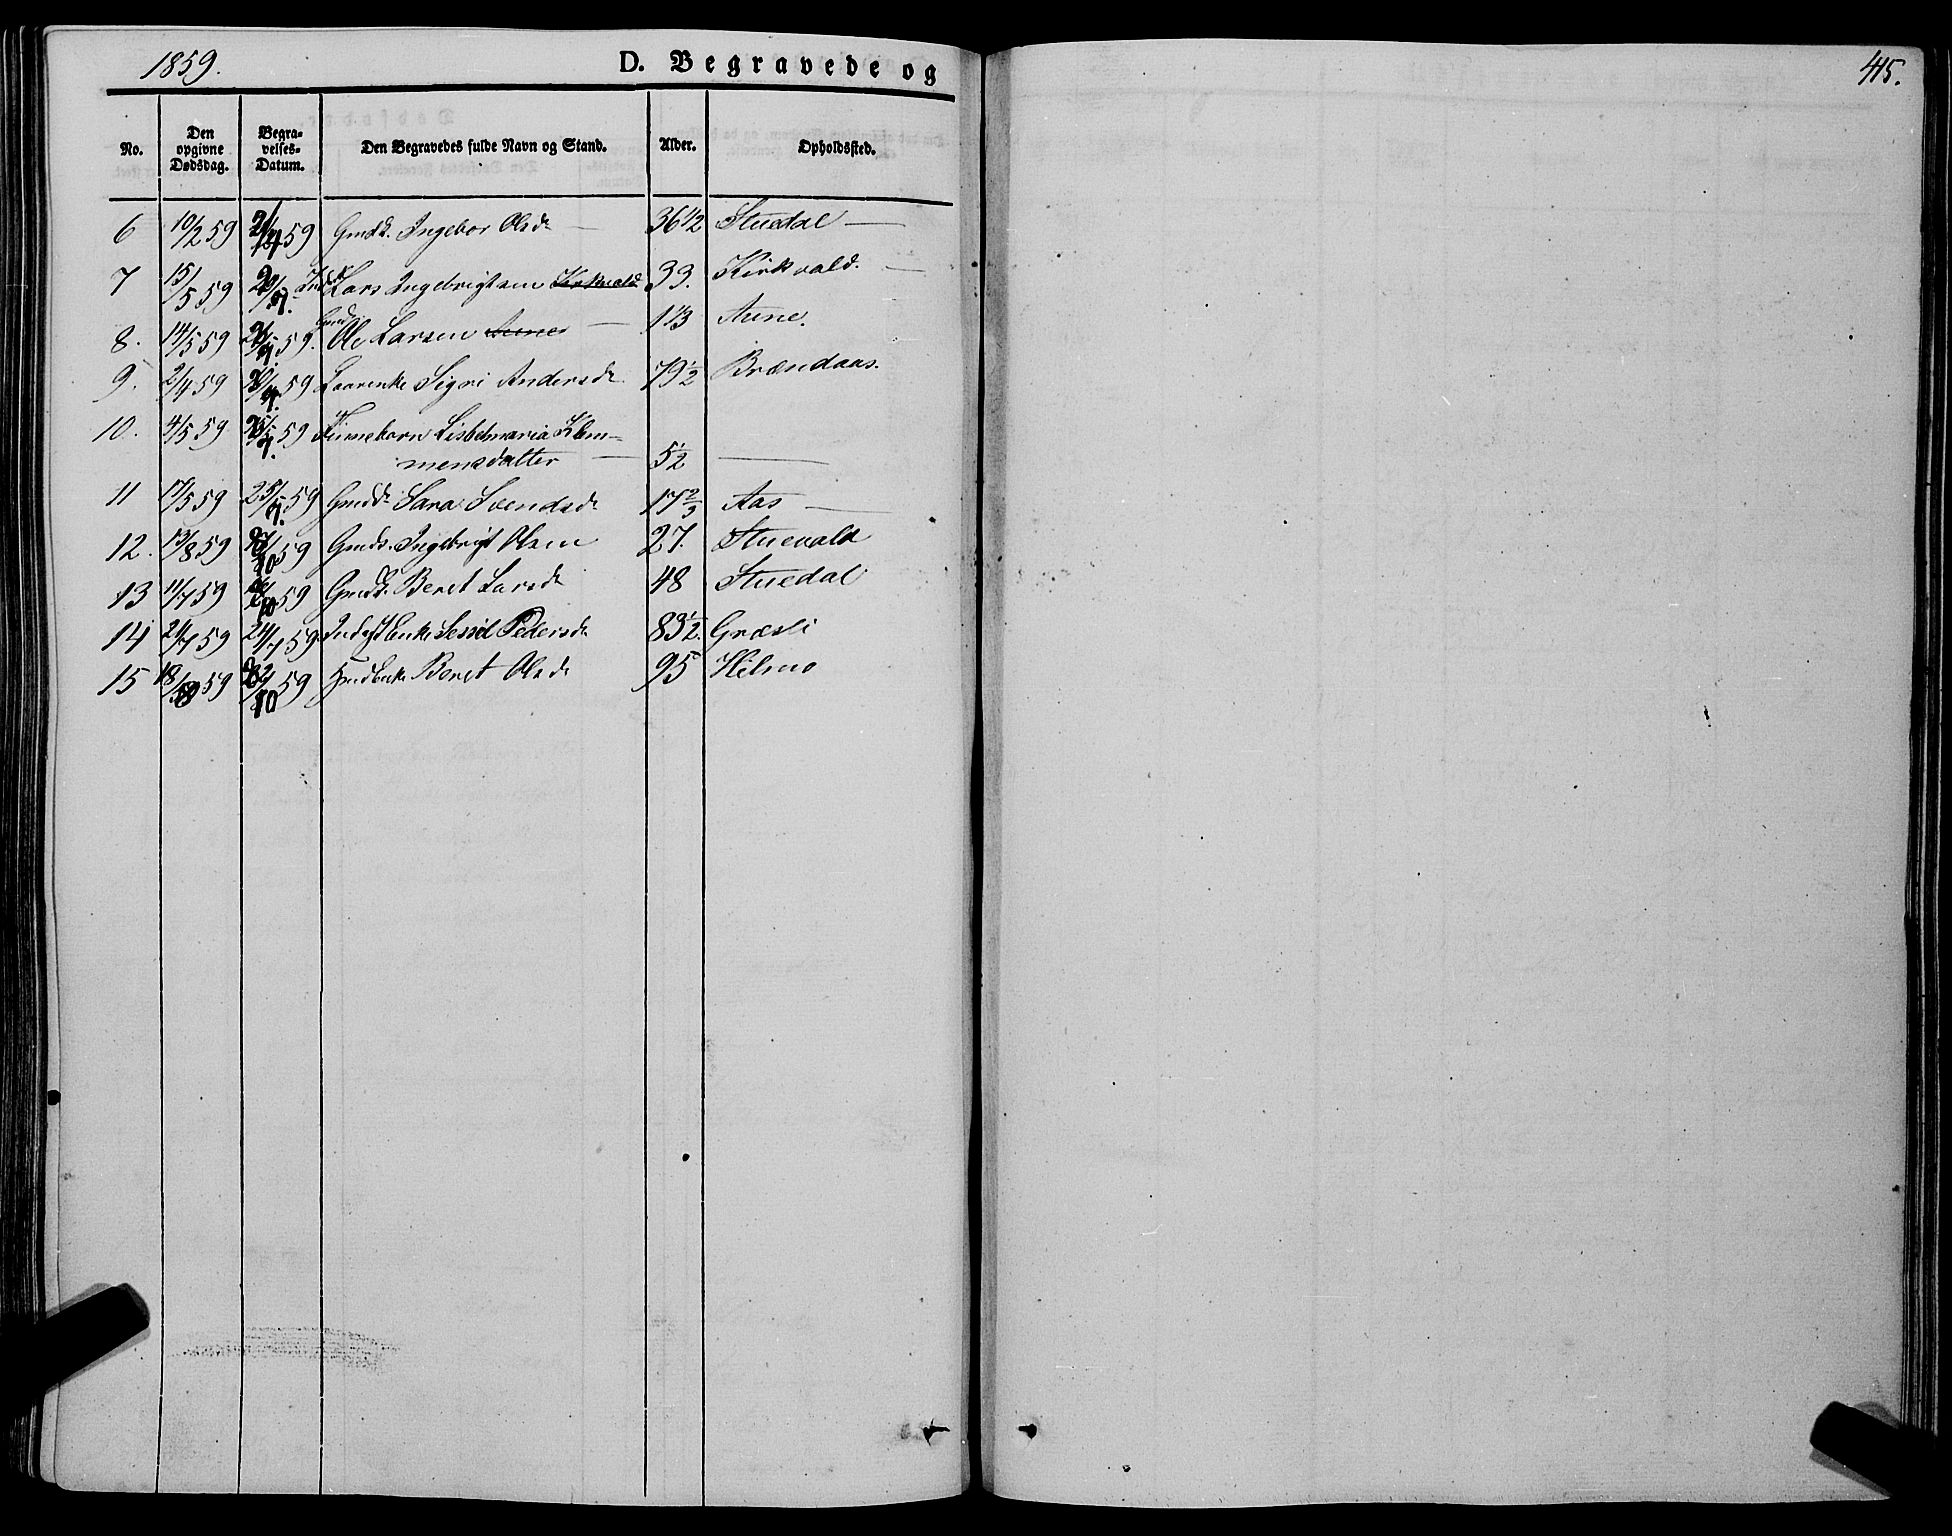 SAT, Ministerialprotokoller, klokkerbøker og fødselsregistre - Sør-Trøndelag, 695/L1146: Ministerialbok nr. 695A06 /2, 1843-1859, s. 415